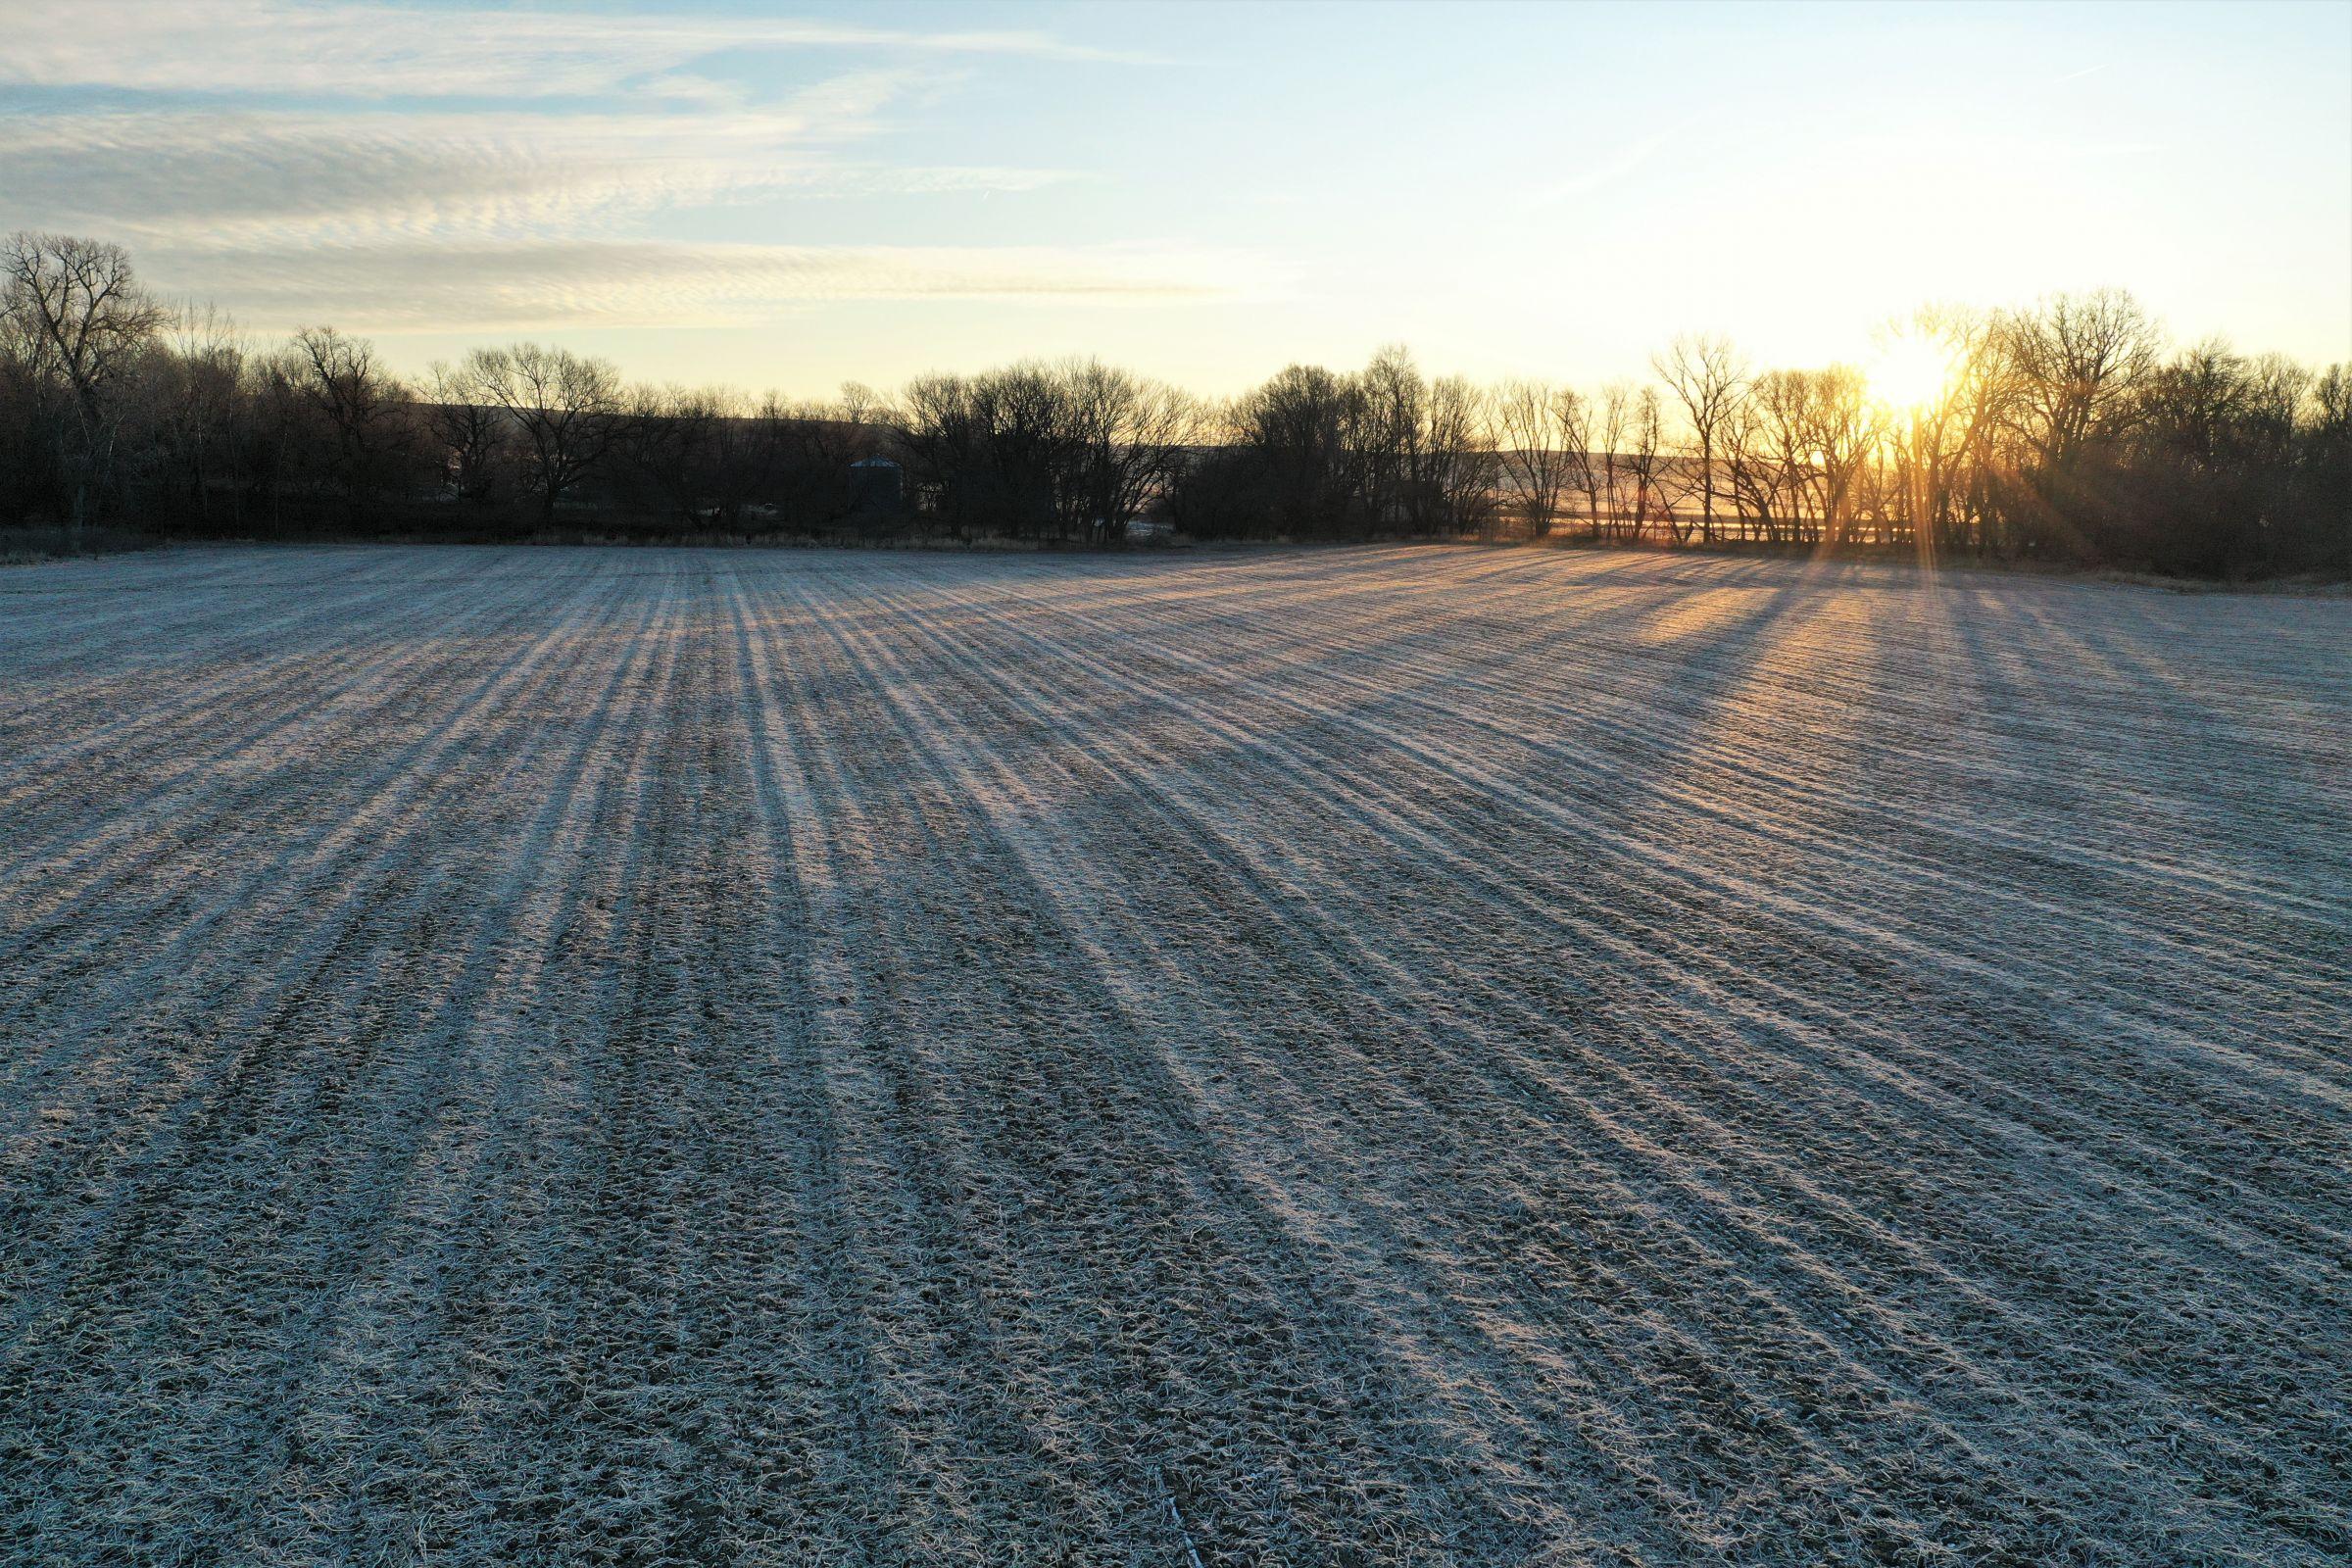 Row Crop - Soybean1 in Guthrie Center, Iowa